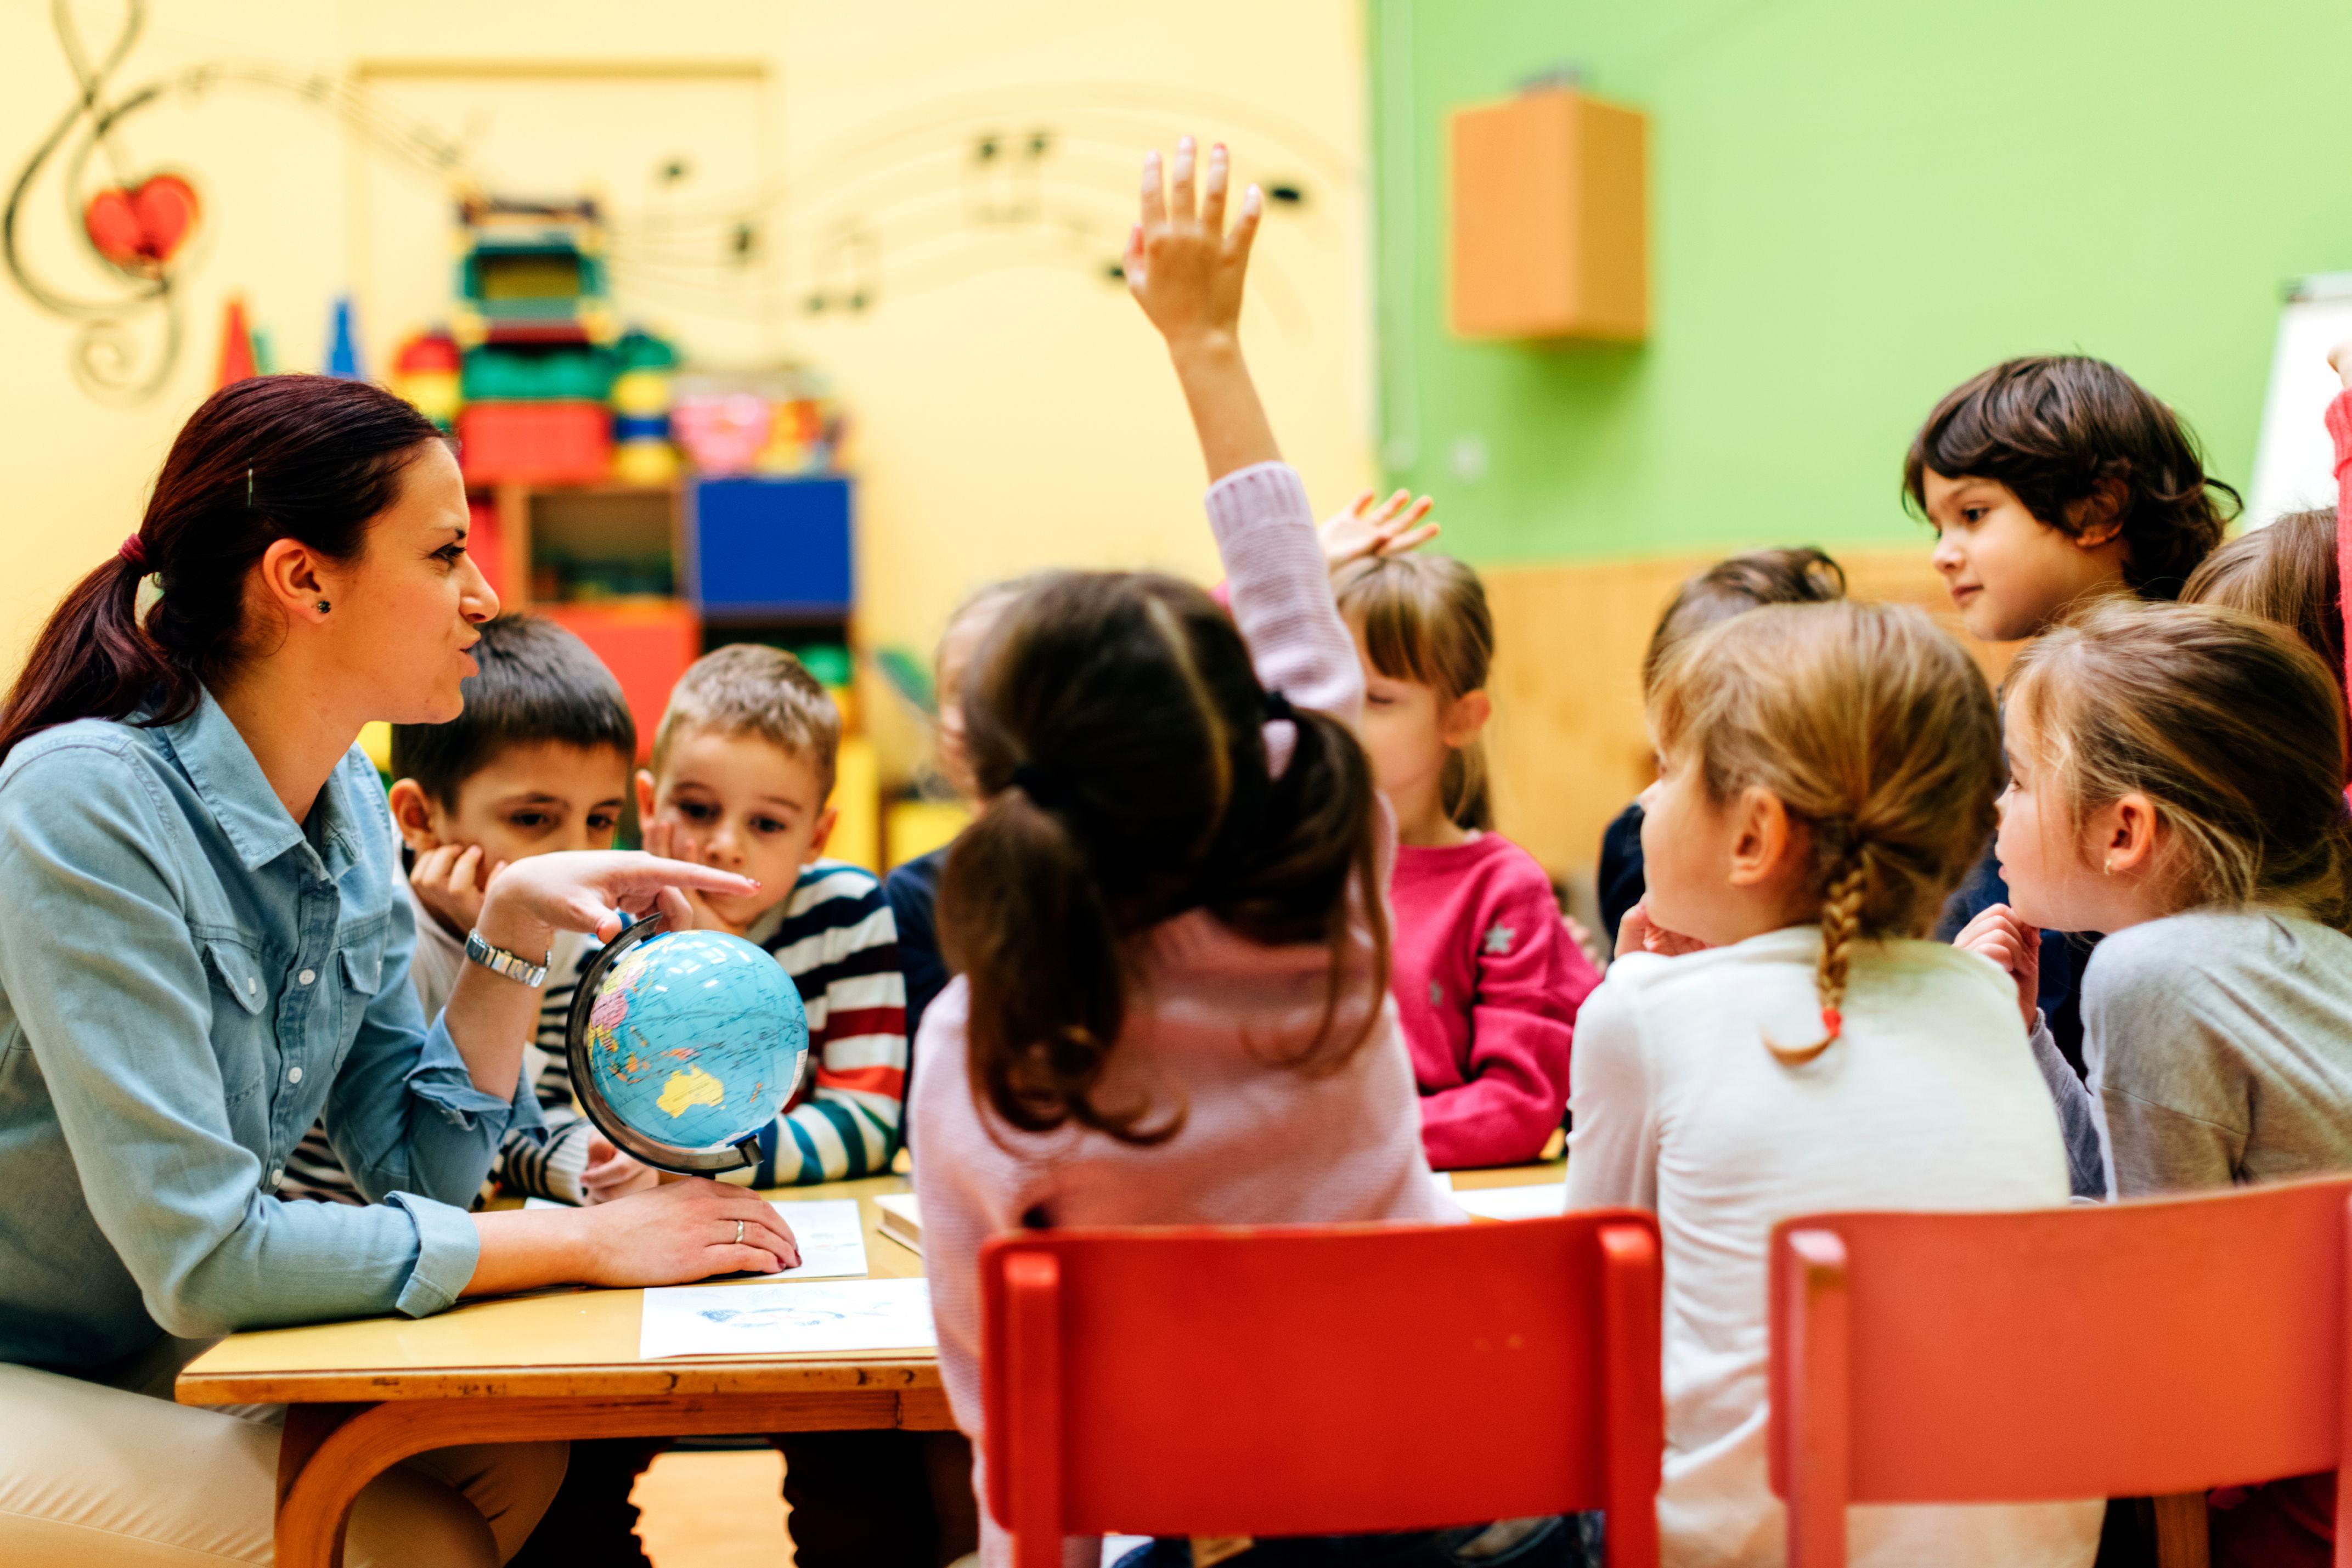 Grundschulschüler beim Lernen